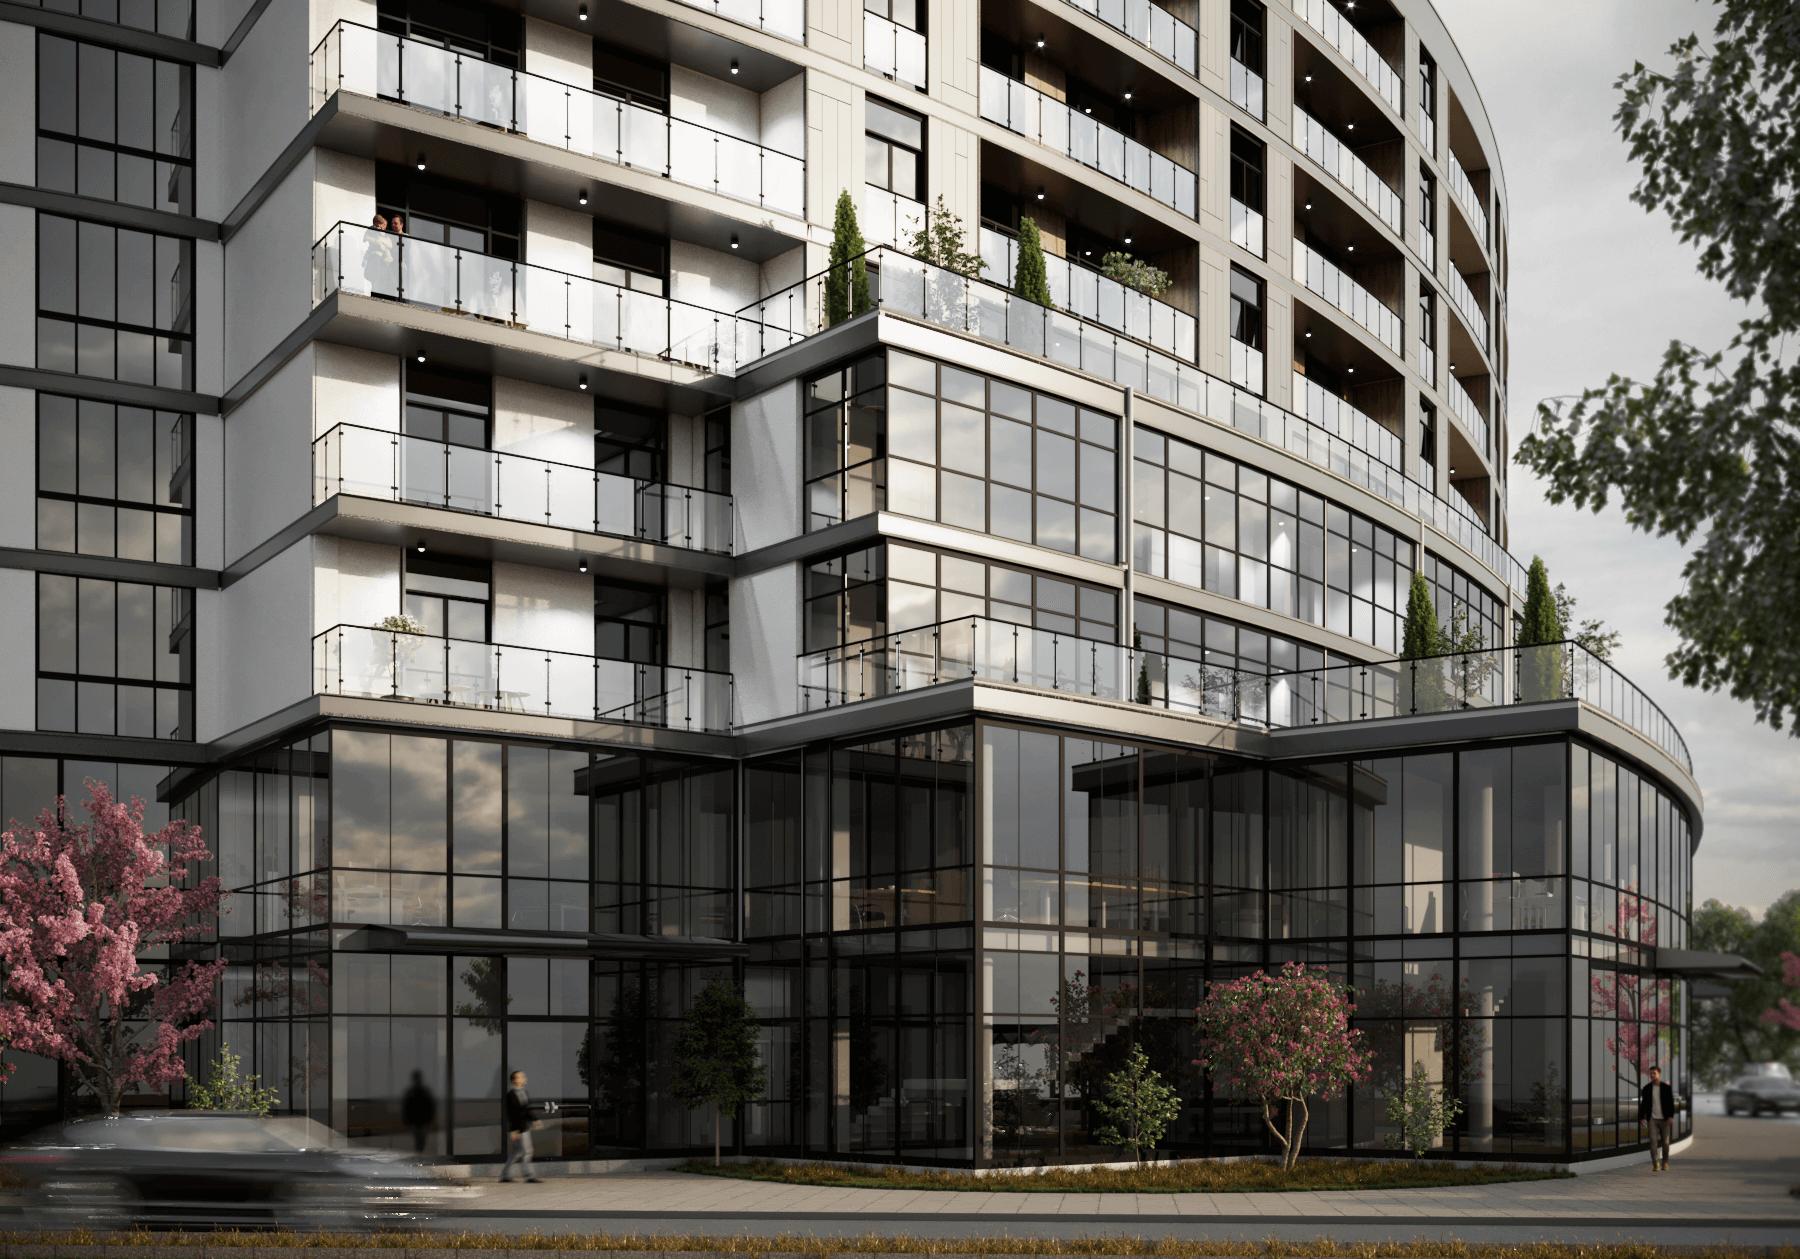 Житловий комплекс «Кристал» (м. Ужгород) - Проектна група ФОП РІЗАК ВАСИЛЬ ВАСИЛЬОВИЧ